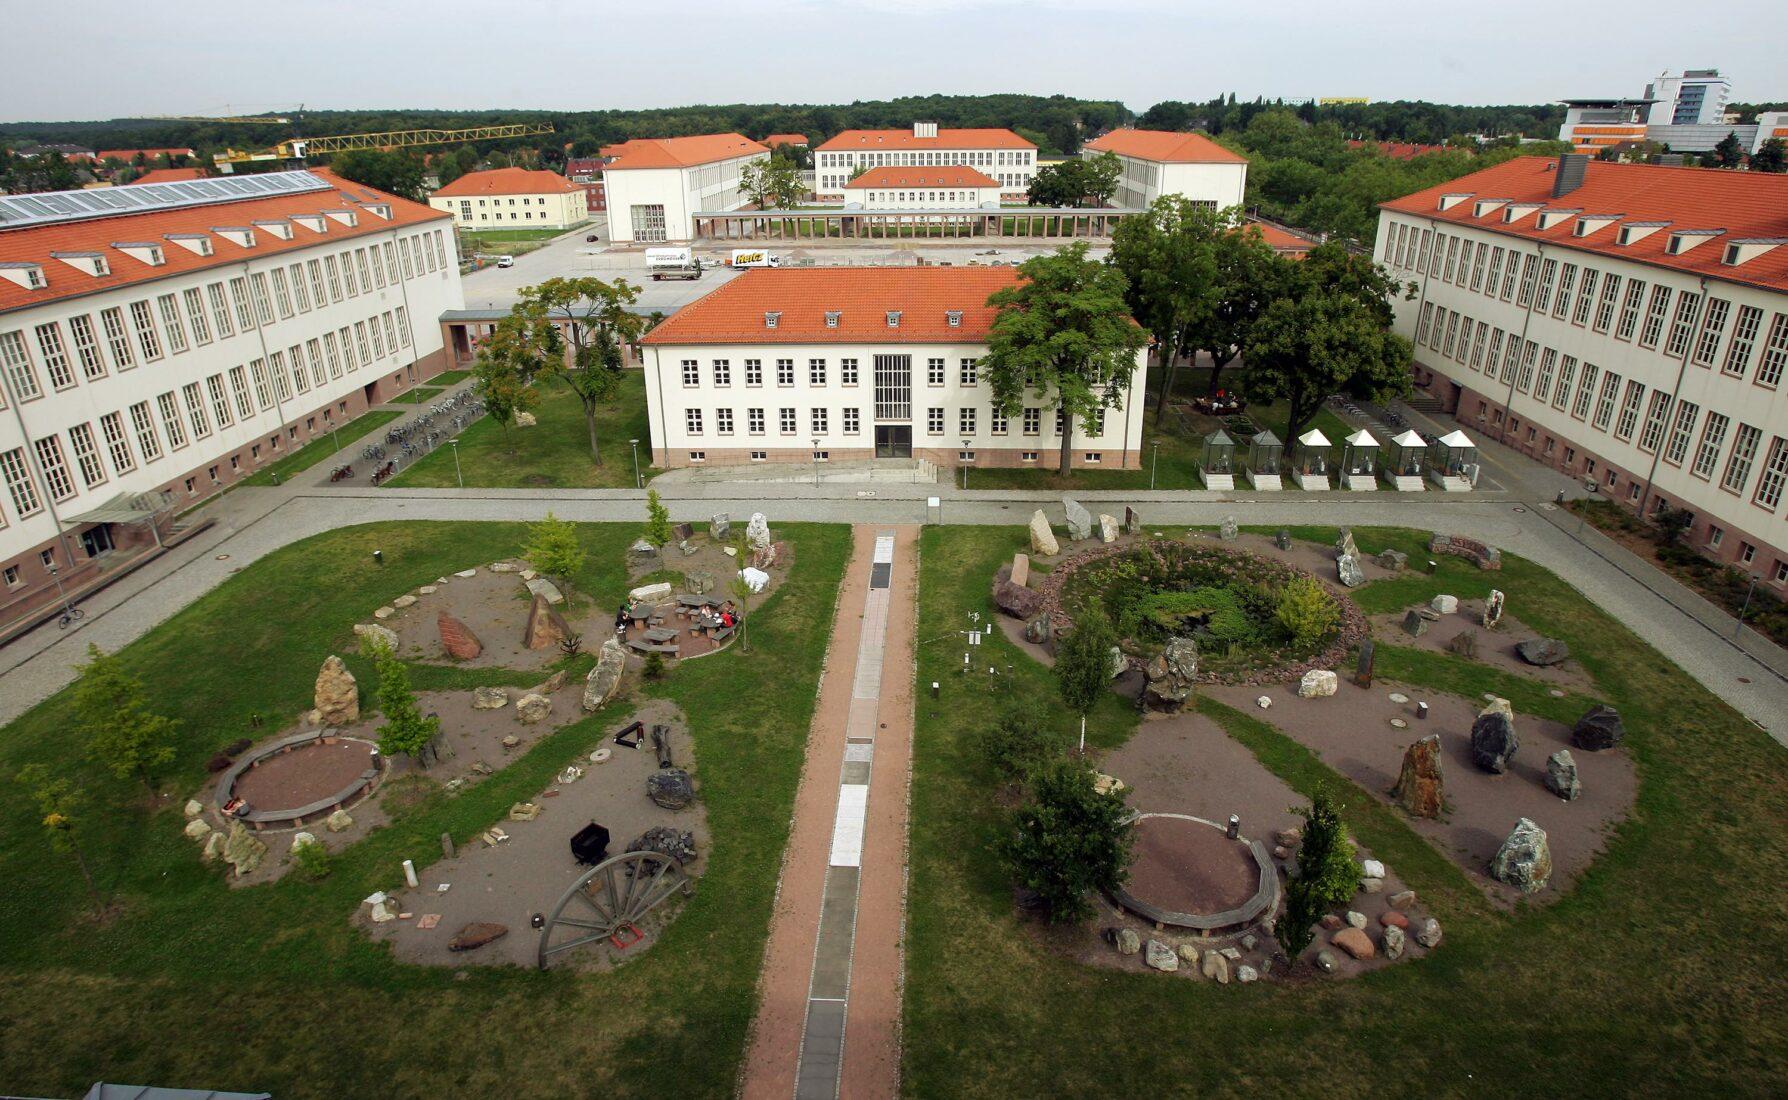 Geologischer Garten des Instituts für Geowissenschaften und Geographie. Foto: Uni Halle / Maike Glöckner